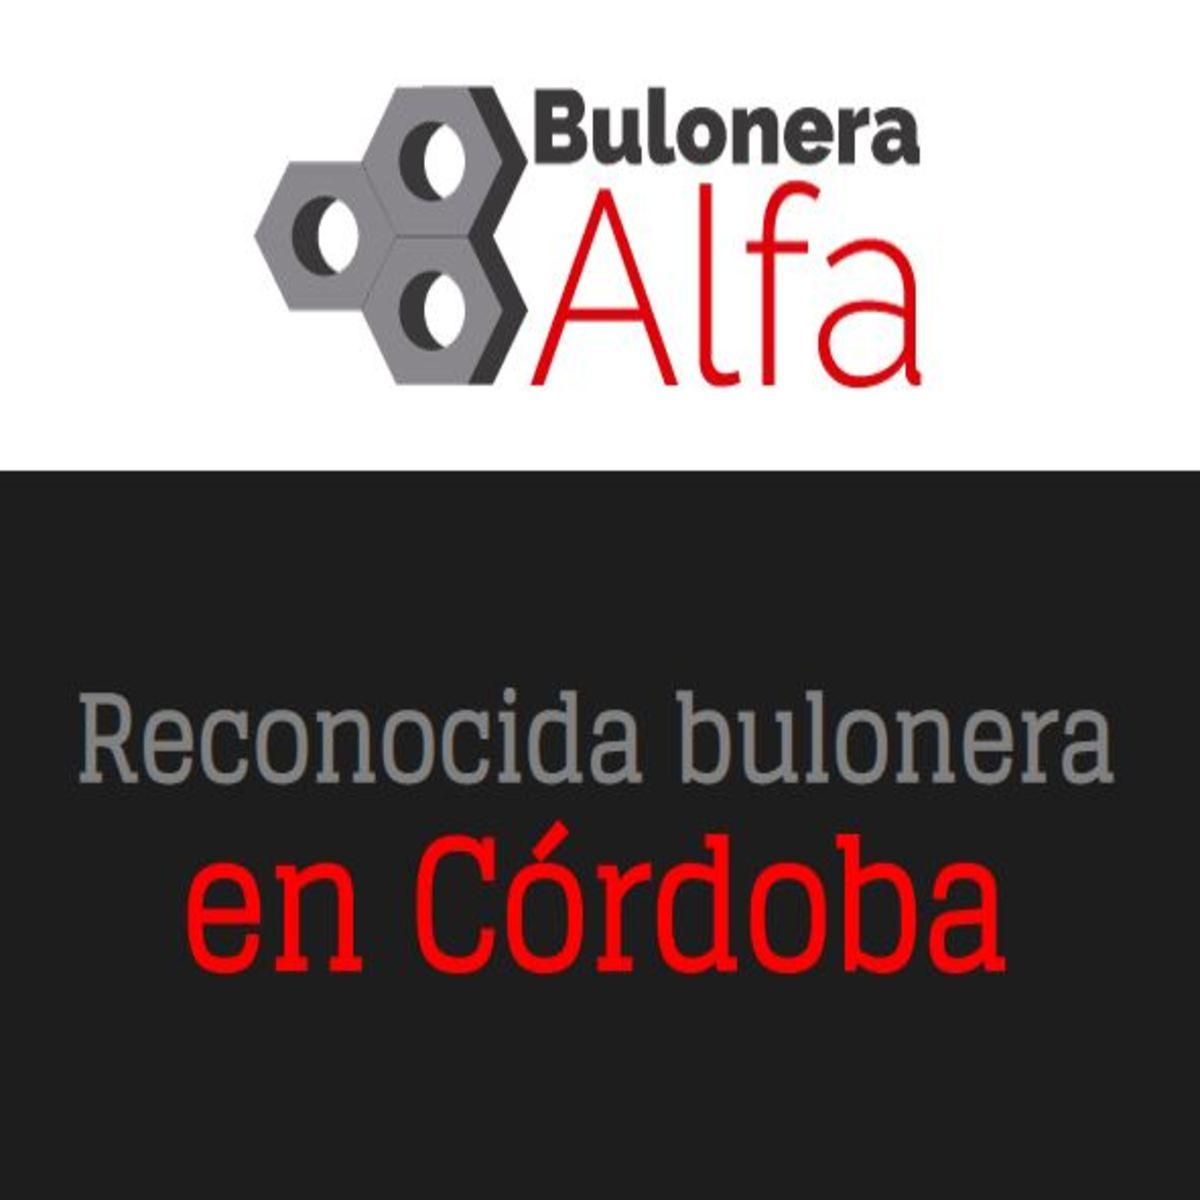 BULONERA ALFA